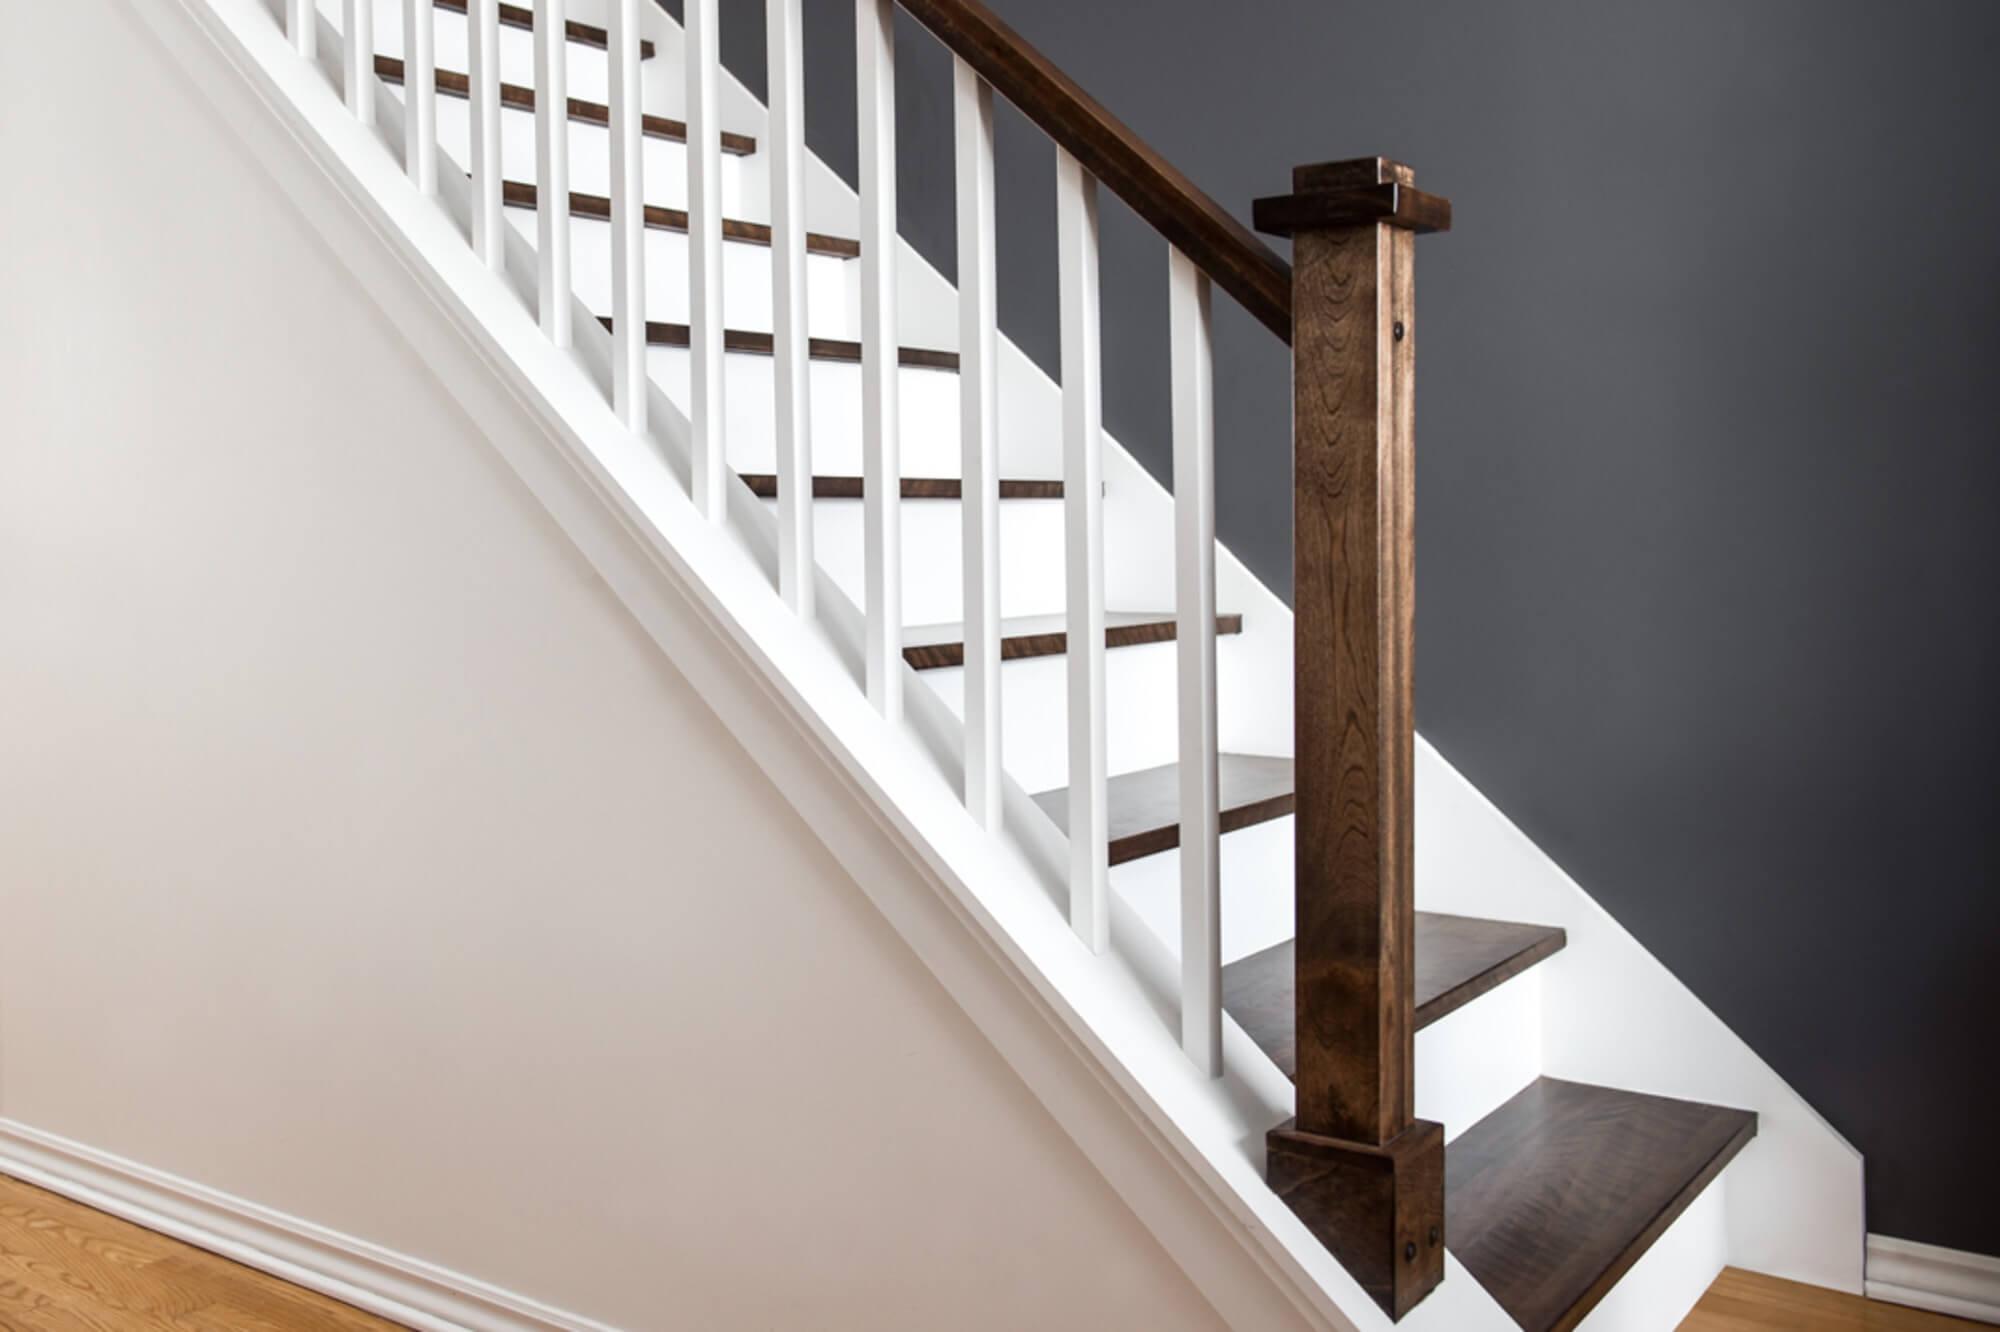 Escalier Interieur Maison Moderne exemple d'escaliers intérieurs et plancher de bois franc